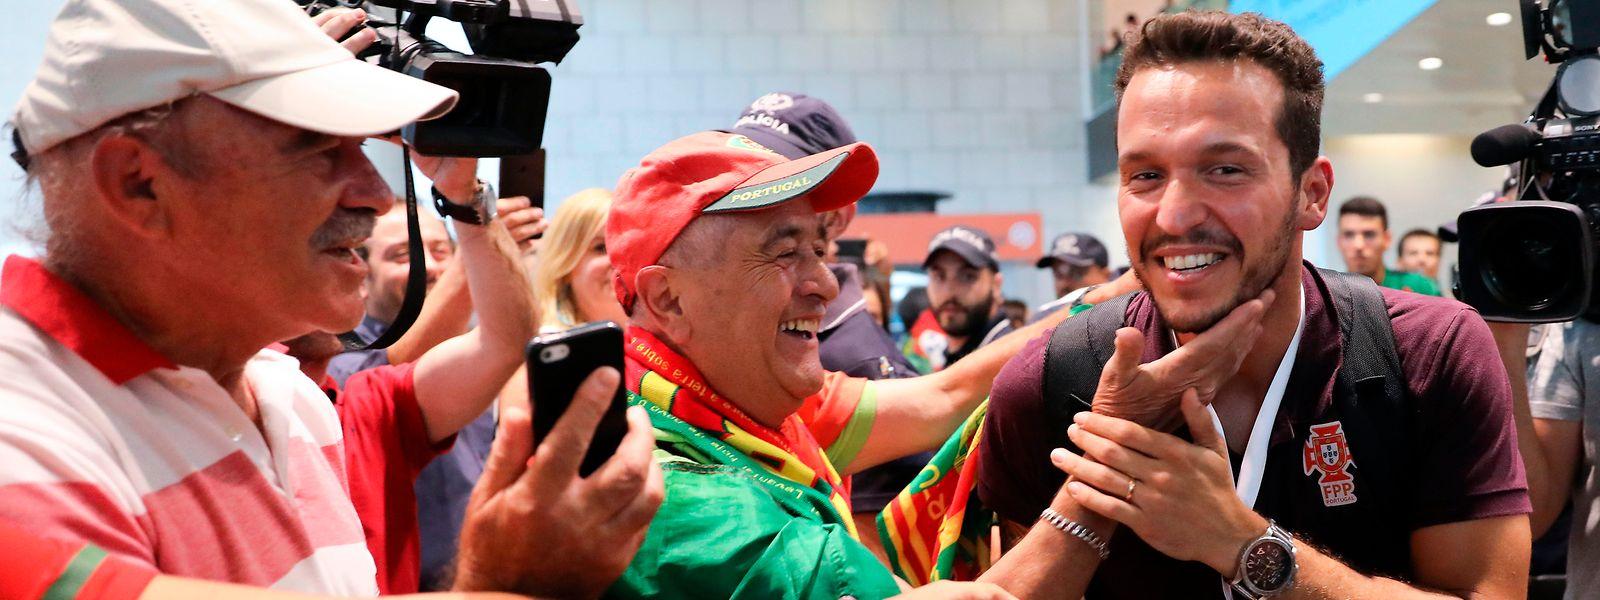 Ângelo Girão, o guarda-redes da seleção portuguesa de hóquei em patins, que se sagrou campeã do mundo após vencer a seleção da Argentina, durante a chegada ao Aeroporto de Lisboa.